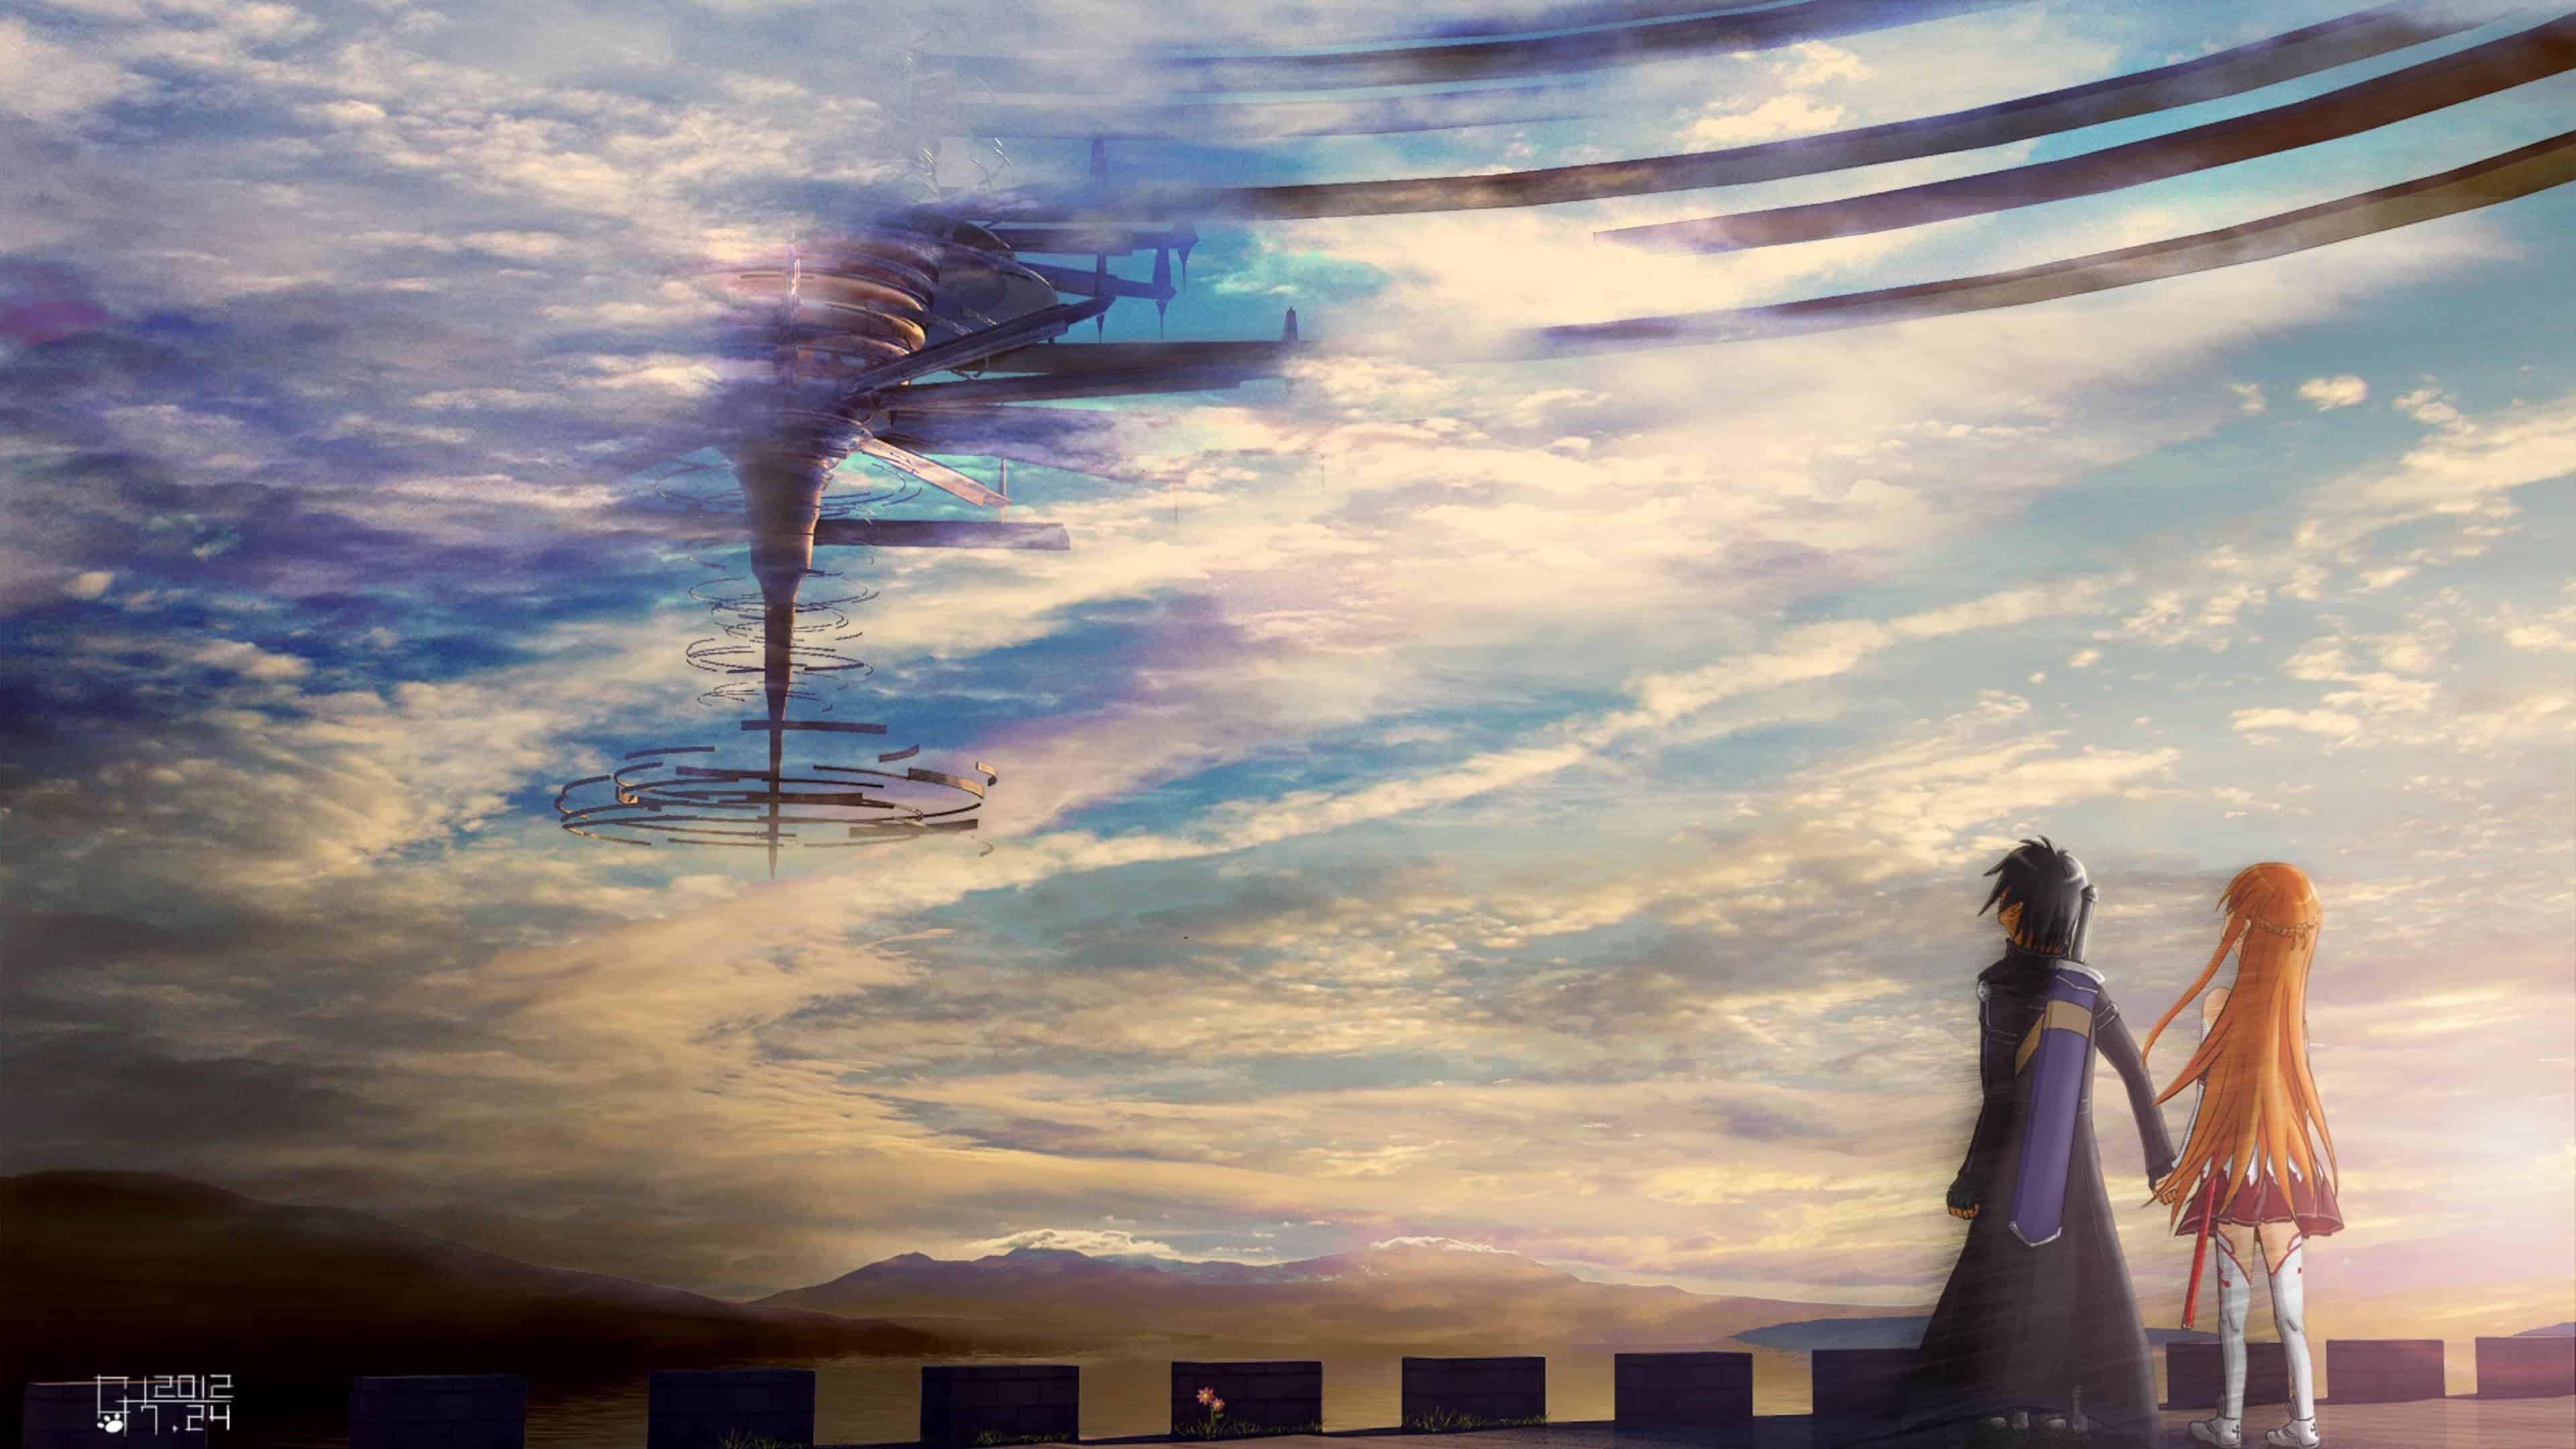 sword art online uhd 4k wallpaper